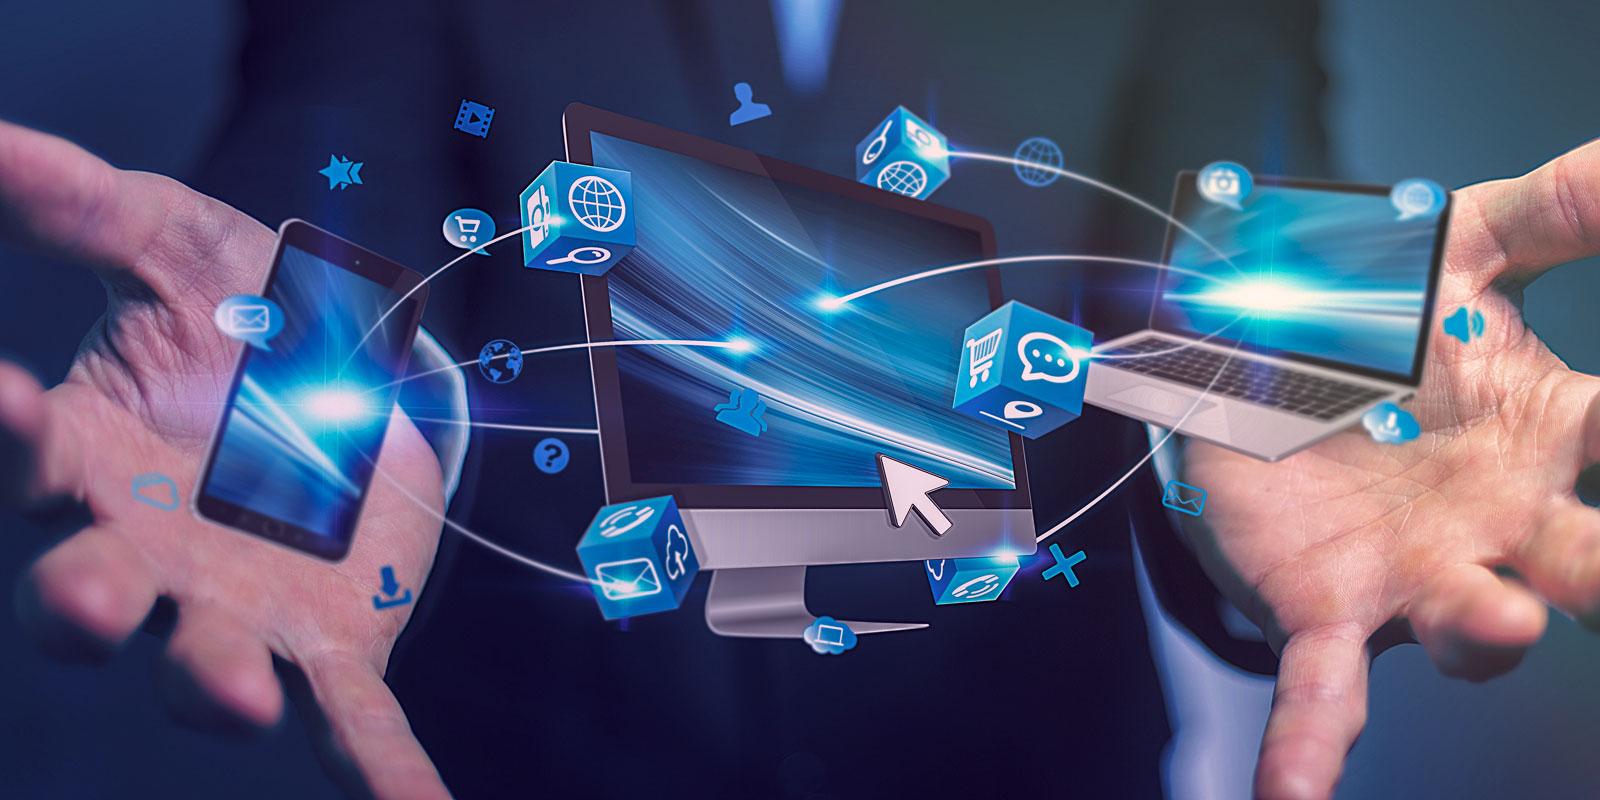 Verschiedene Eingabegeräte, Smartphones und Bildschirme schweben zwischen zwei Händen